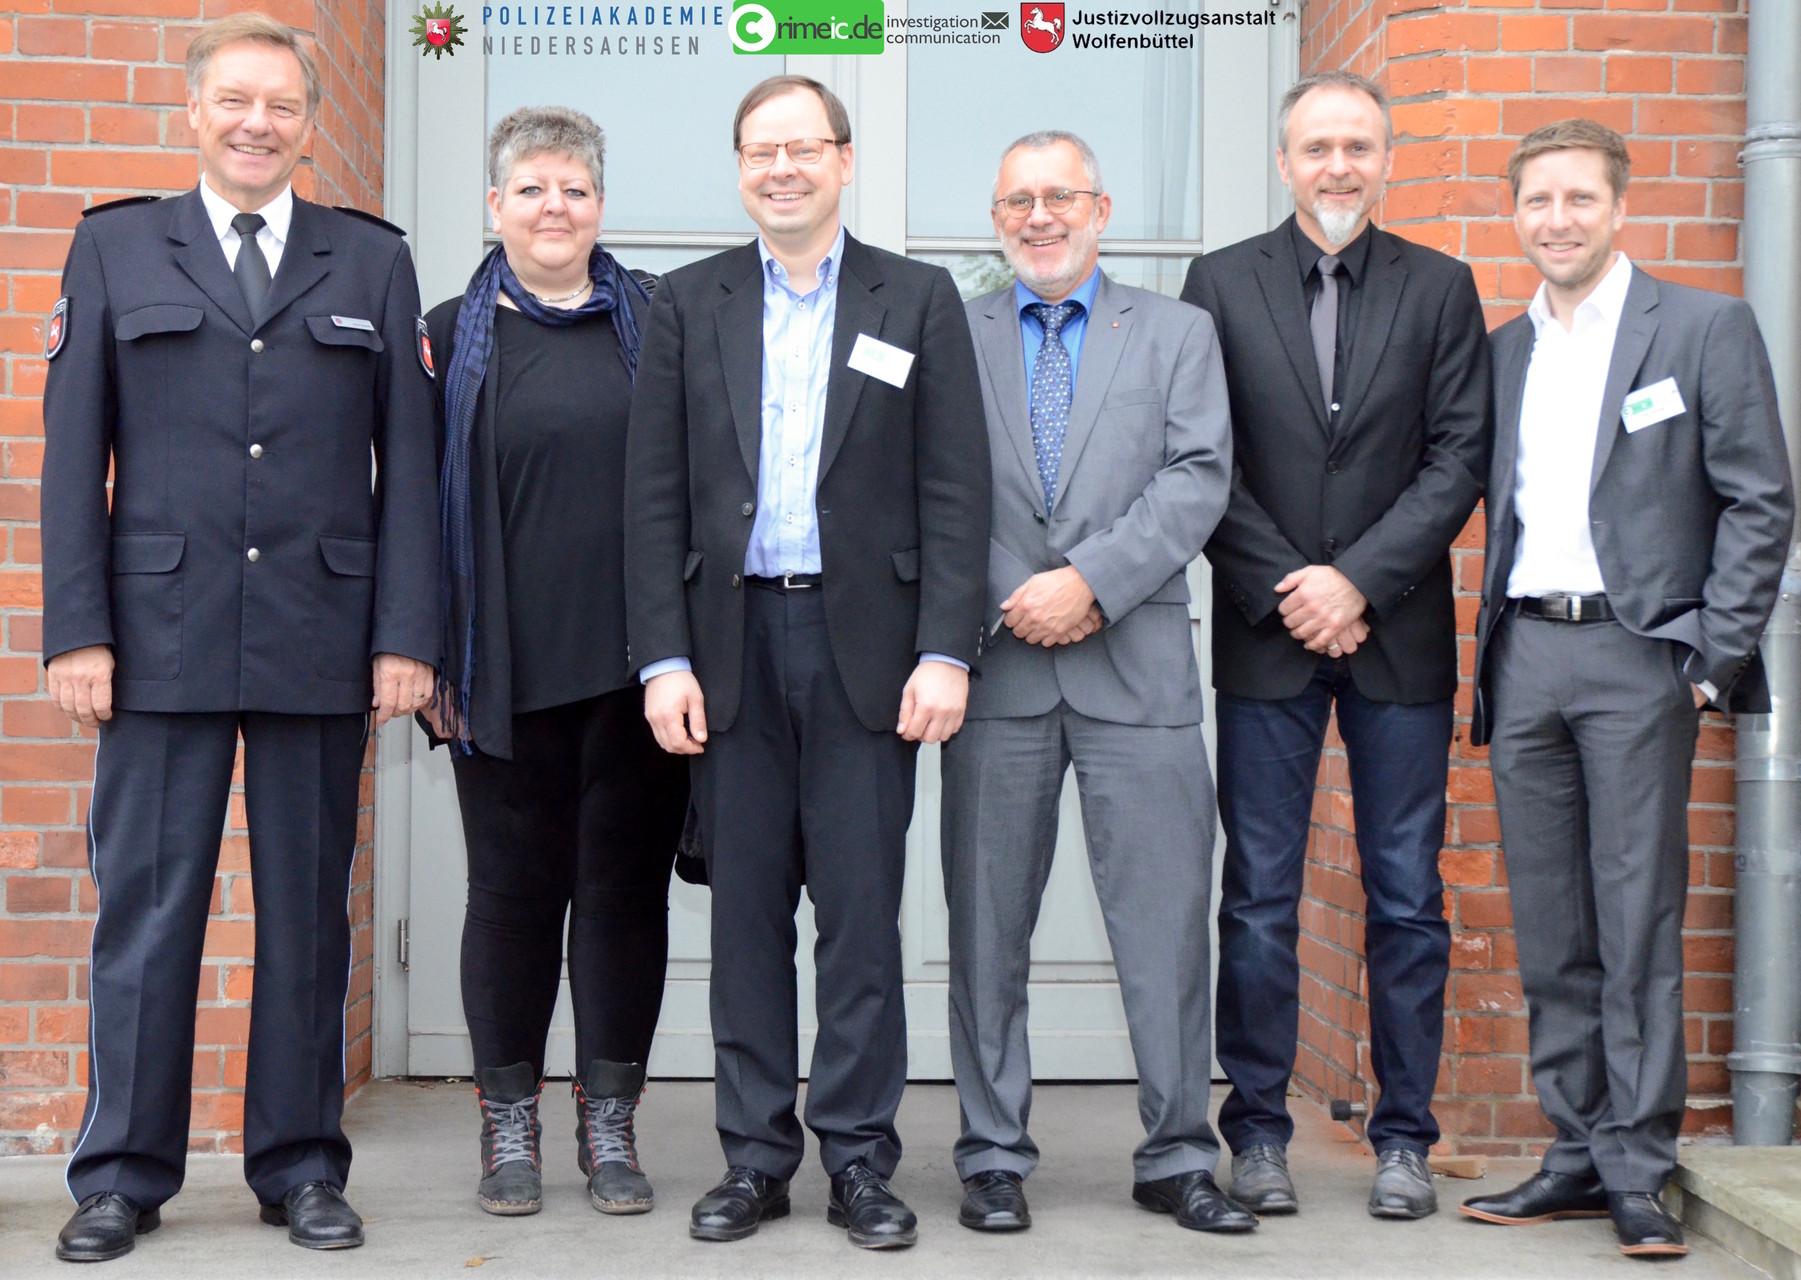 Die Kooperationspartner von crimeic (von links nach rechts): Dieter Buskohl, Daniela Klimke, Peter Lutz Kalmbach, Dieter Münzebrock, Horst Peltzer & Tim Krenzel (Bildquelle: Nicole Barthel / Polizeiakademie Niedersachsen)